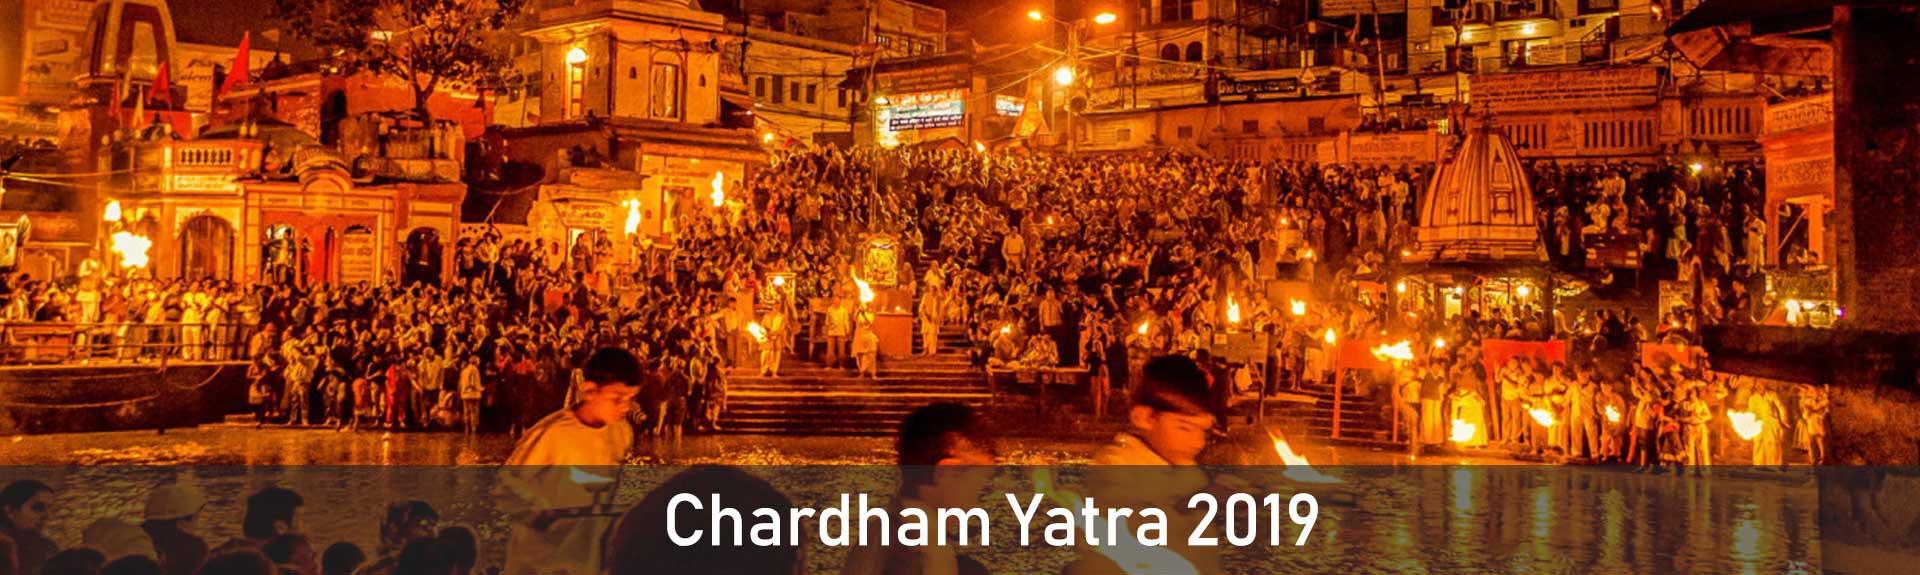 Chardham Yatra 2019